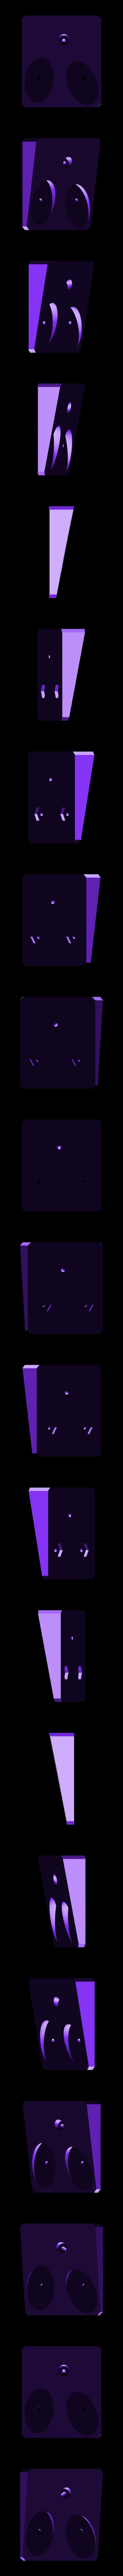 base_1_screw.stl Télécharger fichier STL gratuit Les outils sont l'homme • Modèle pour imprimante 3D, Job